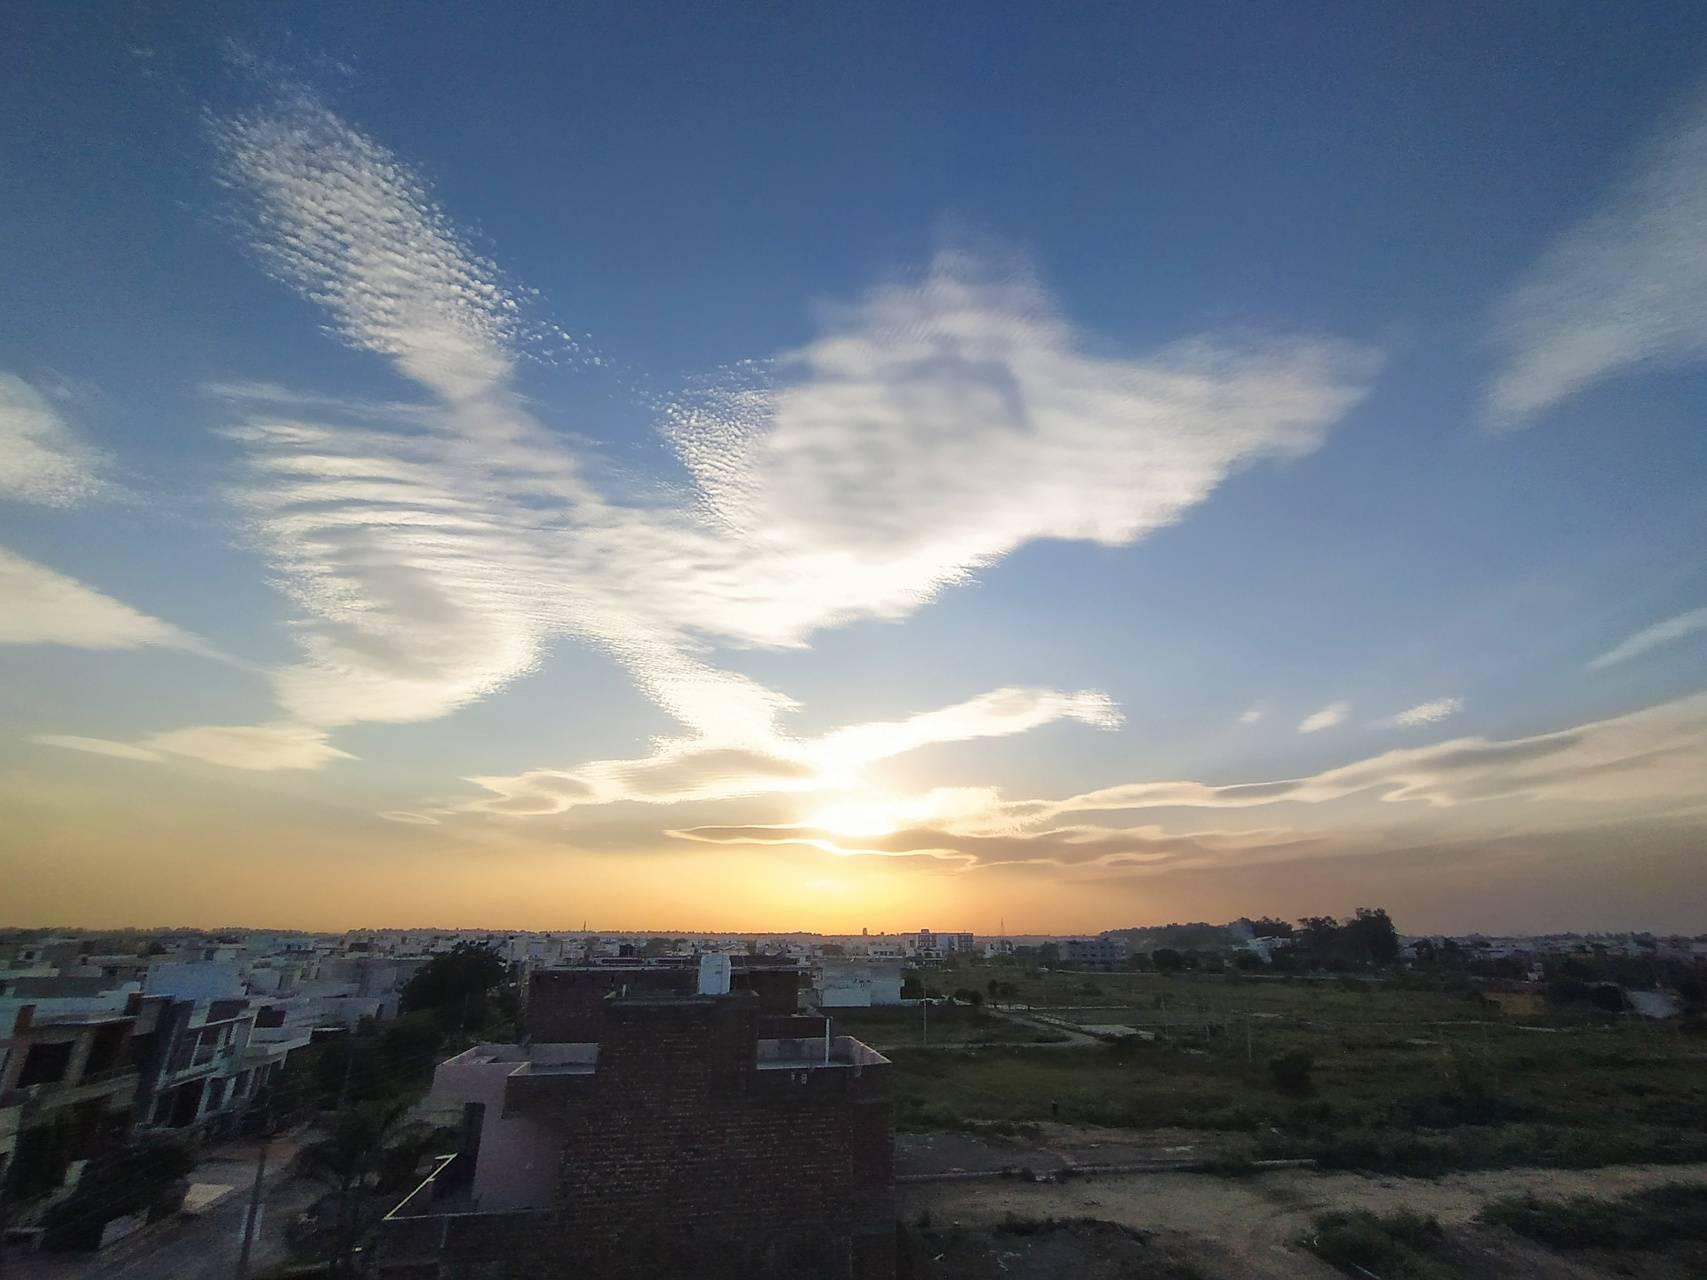 Wavey cloud